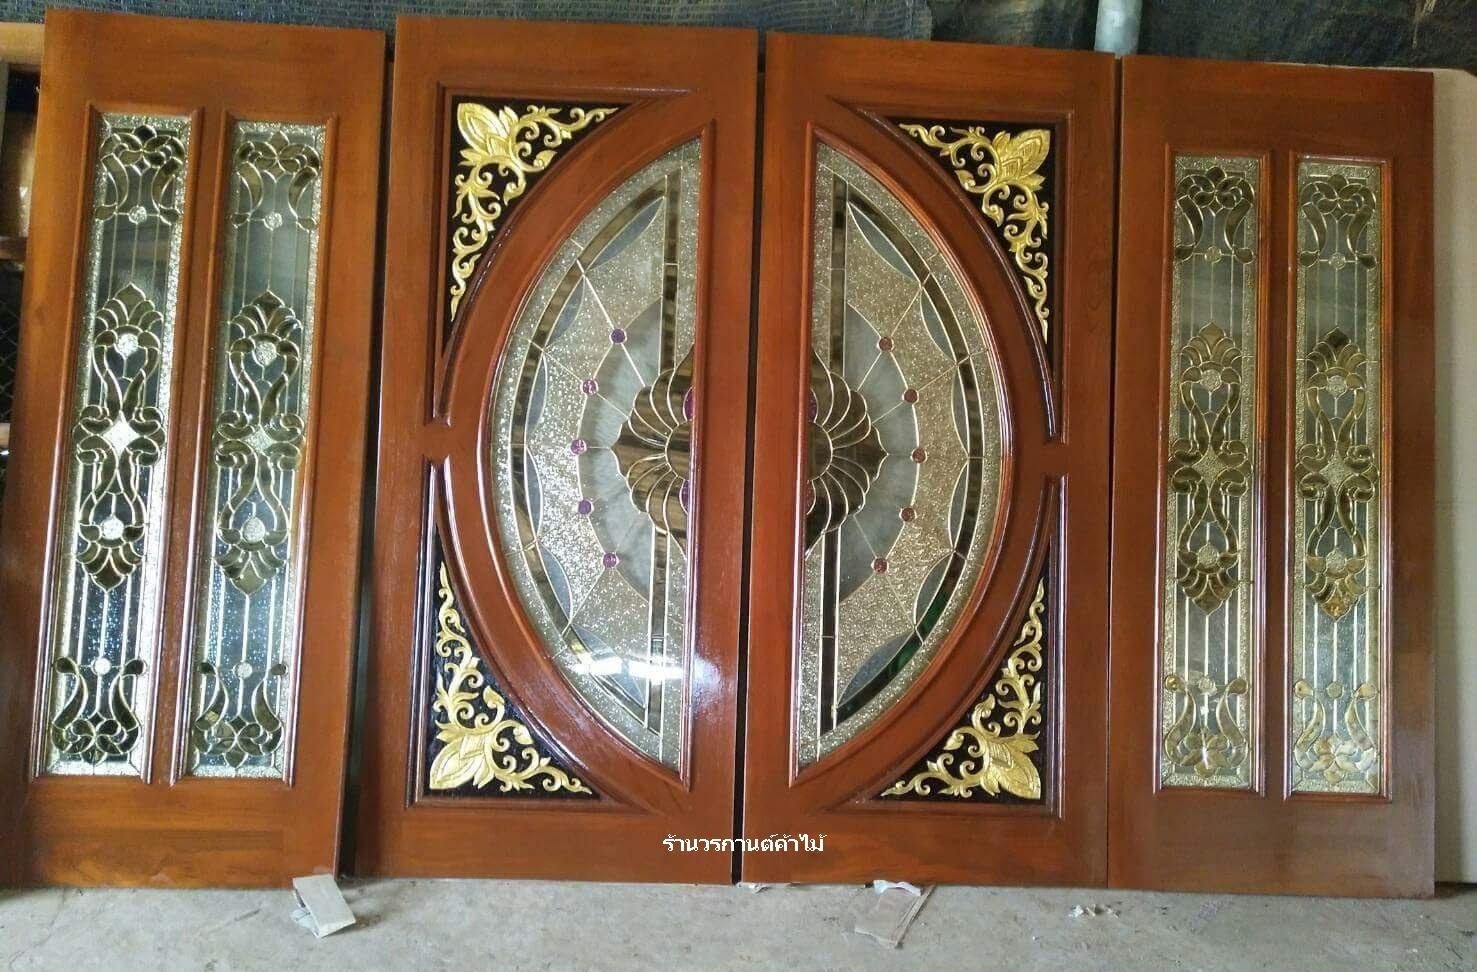 ประตูไม้สักกระจกนิรภัยแตงโมเต็มบาน ชุด4ชิ้น รหัสAAA100